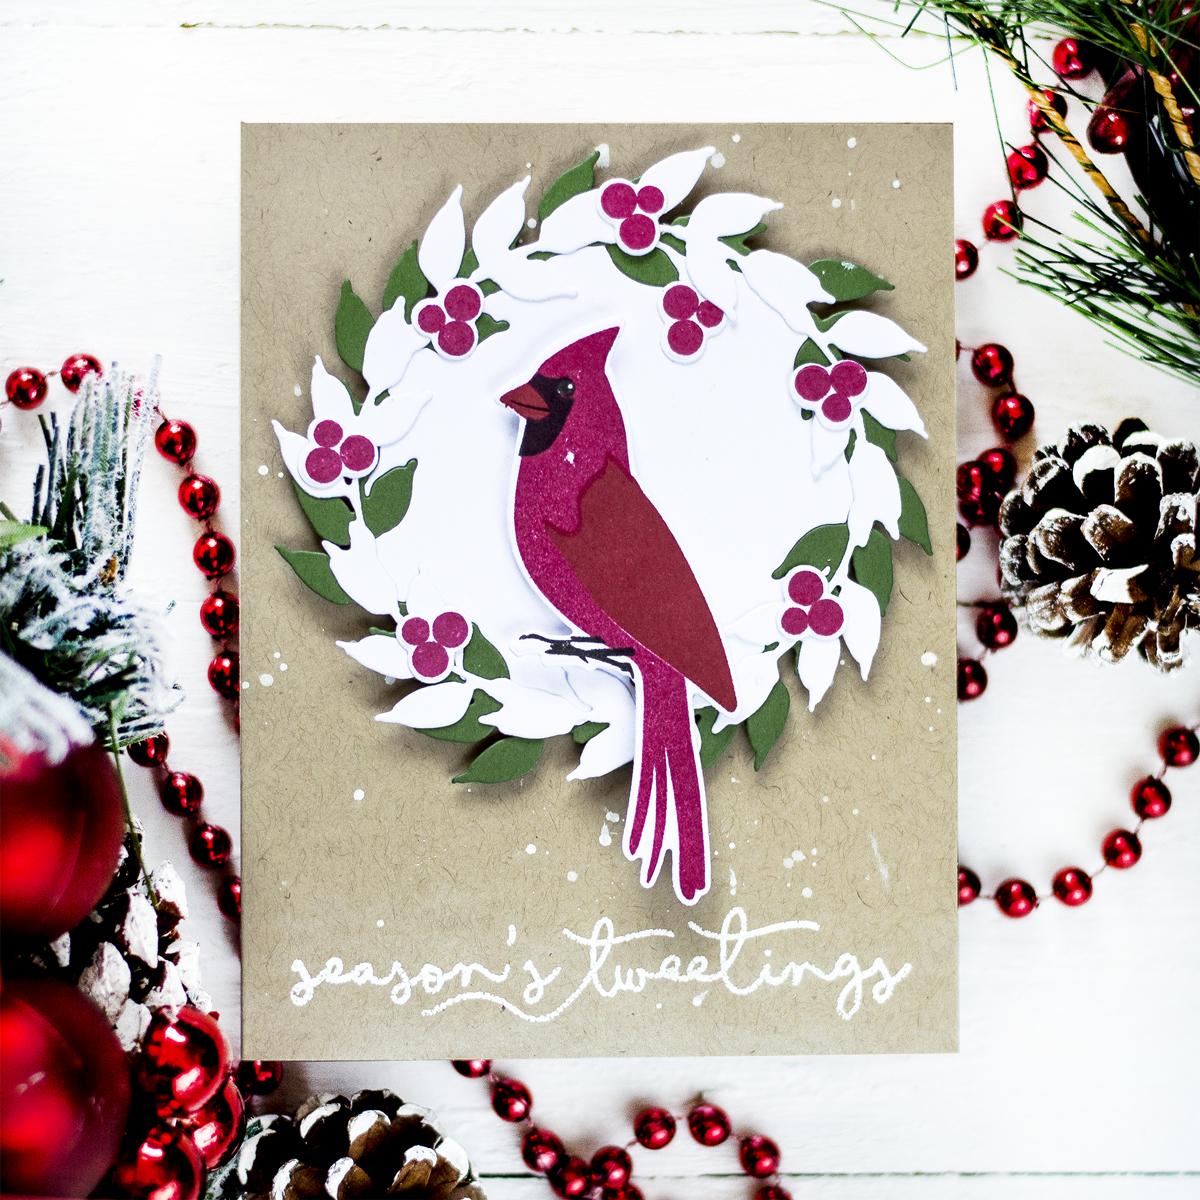 Wreath Cardinal Christmas Card. Card by Svitlana Shayevich